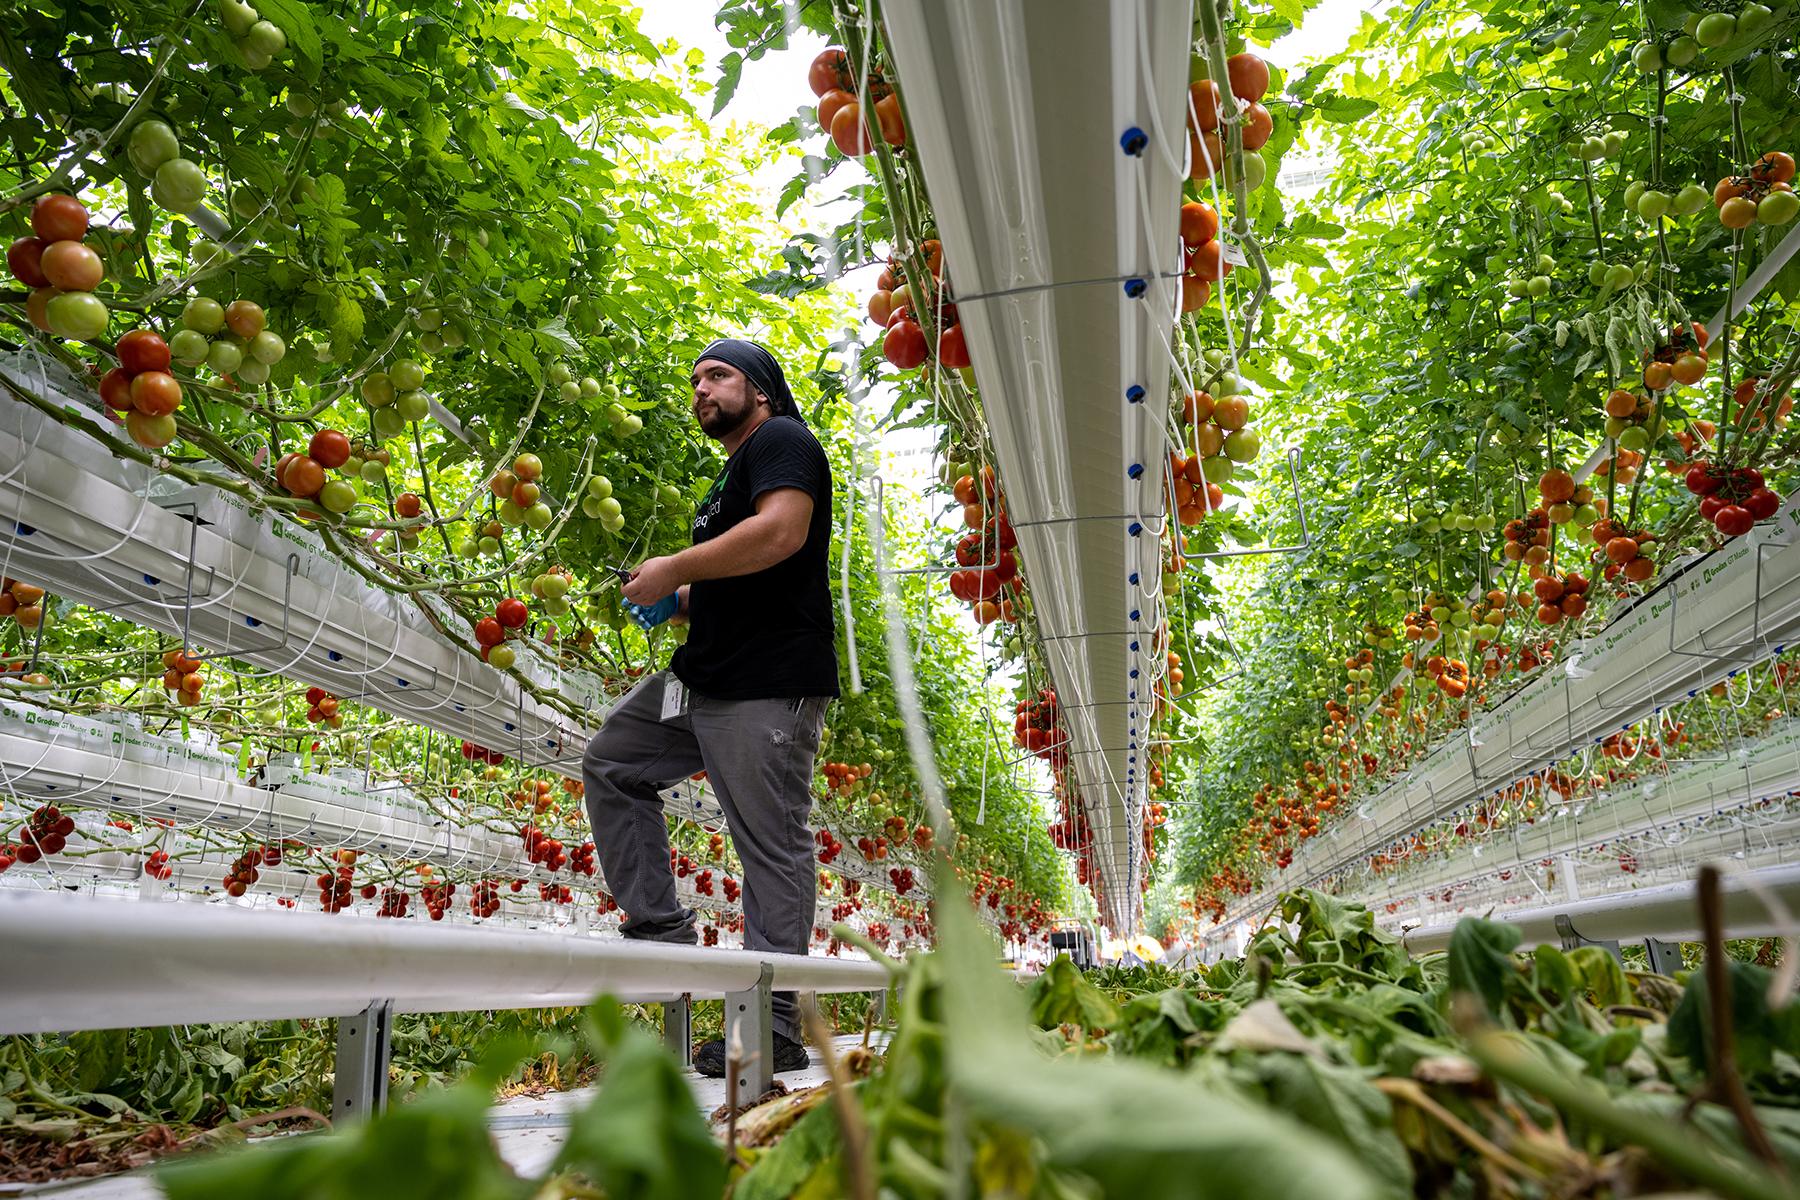 MOREHEAD, KY - 15 GIUGNO: Michael Hurak, un dipendente di Appharvest, taglia le piante di pomodoro all'interno di una fila della serra occidentale di Appharvest il 14 giugno 2021 a Morehead, KY. (Foto di Jon Cherry per Rolling Stone)